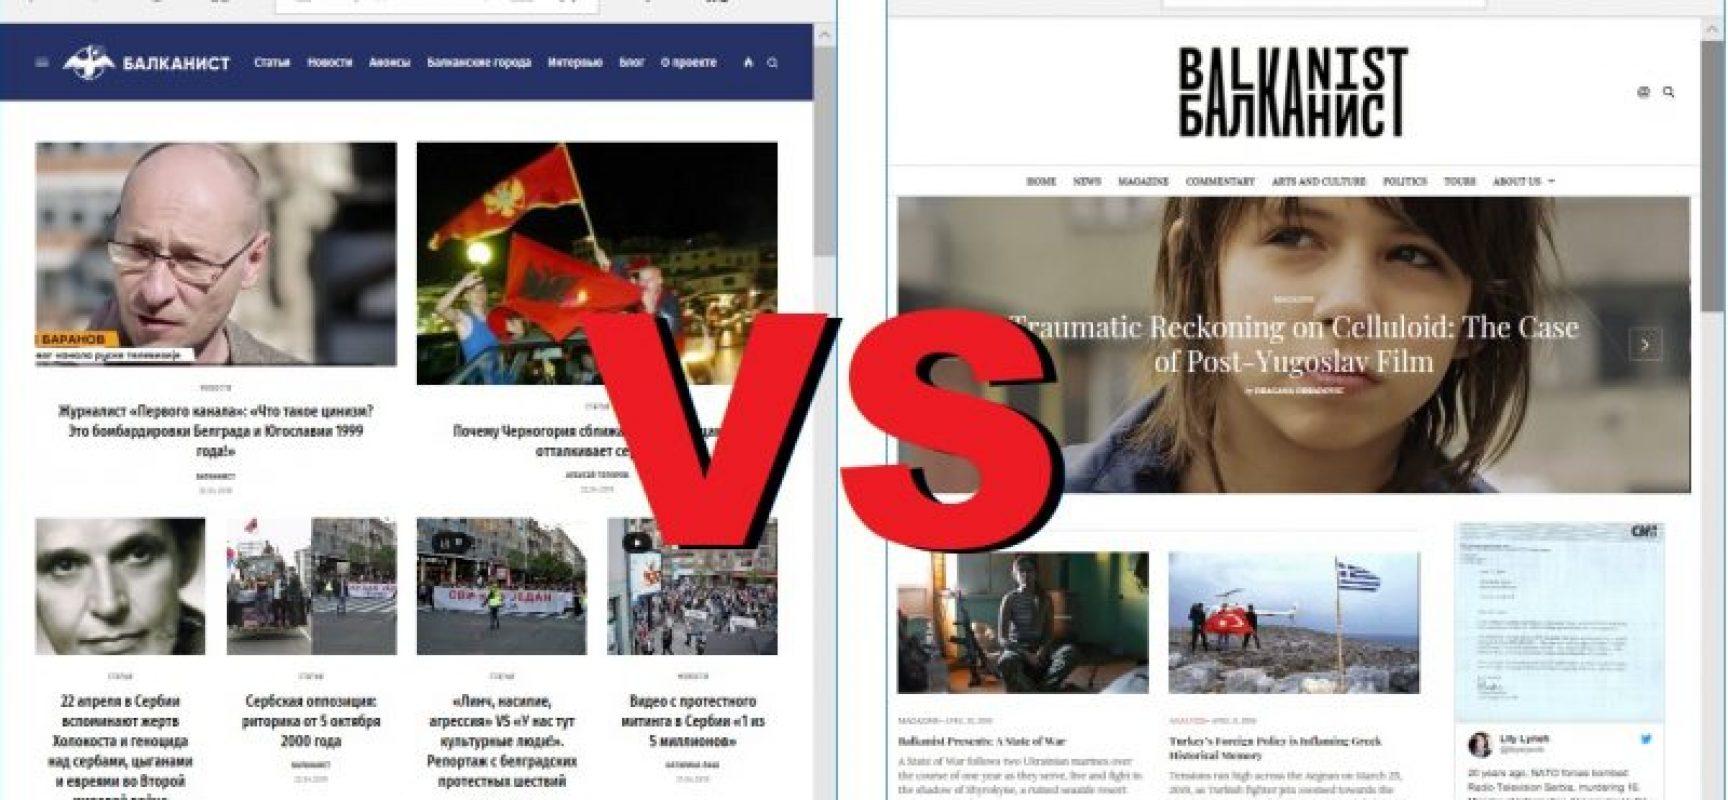 Ruski sajt pokušao da se predstavi kao već poznata medijska kuća sa Balkana (na engleskom)